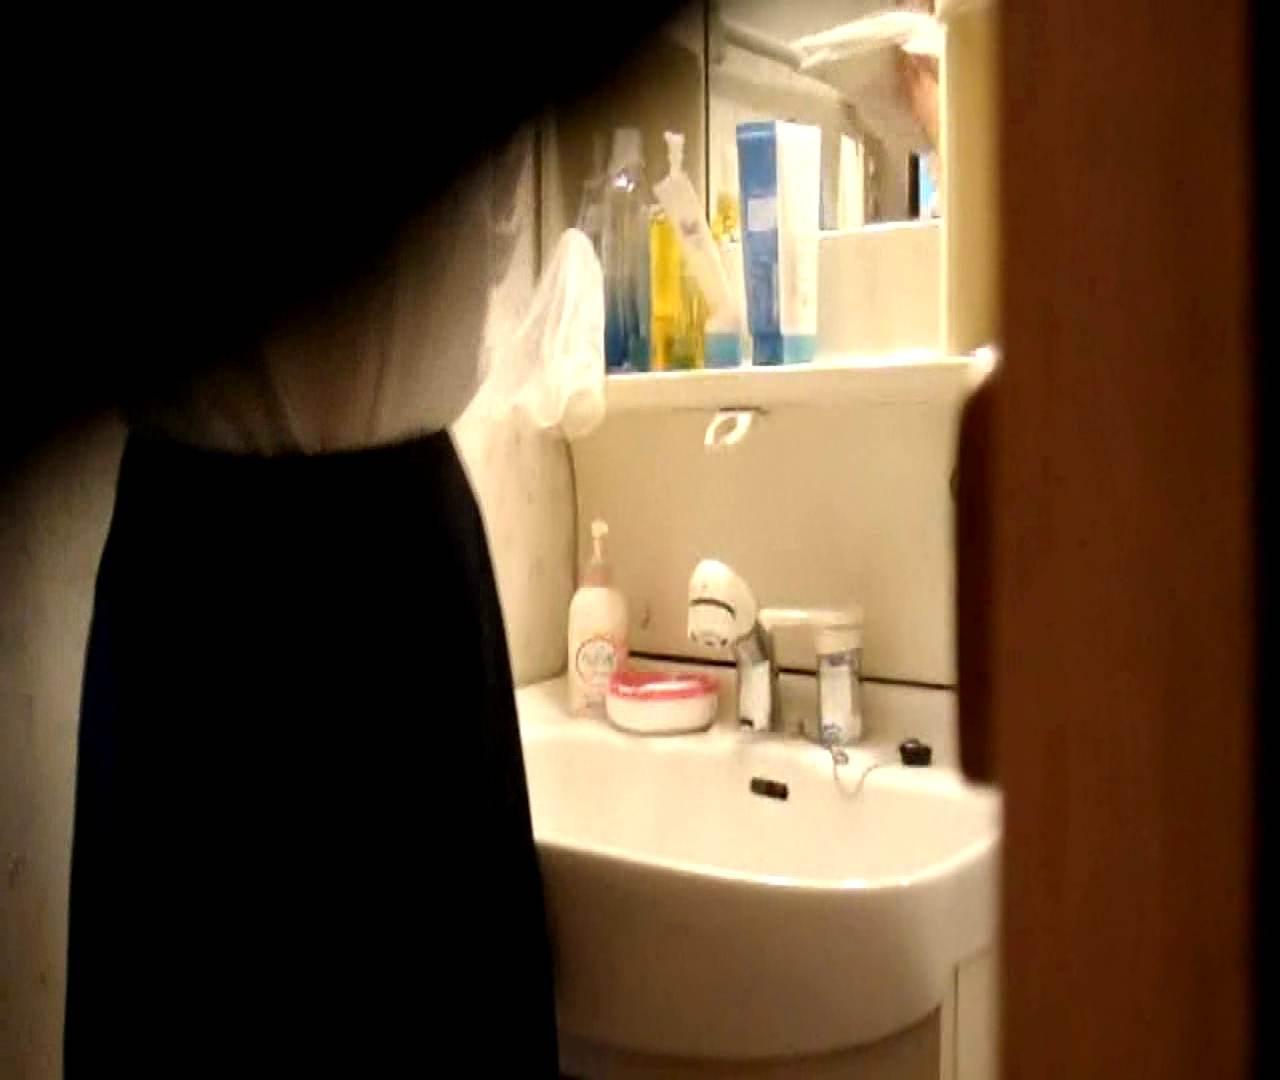 二人とも育てた甲斐がありました… vol.05 まどかが洗顔後にブラを洗濯 HなOL | 0  98pic 61